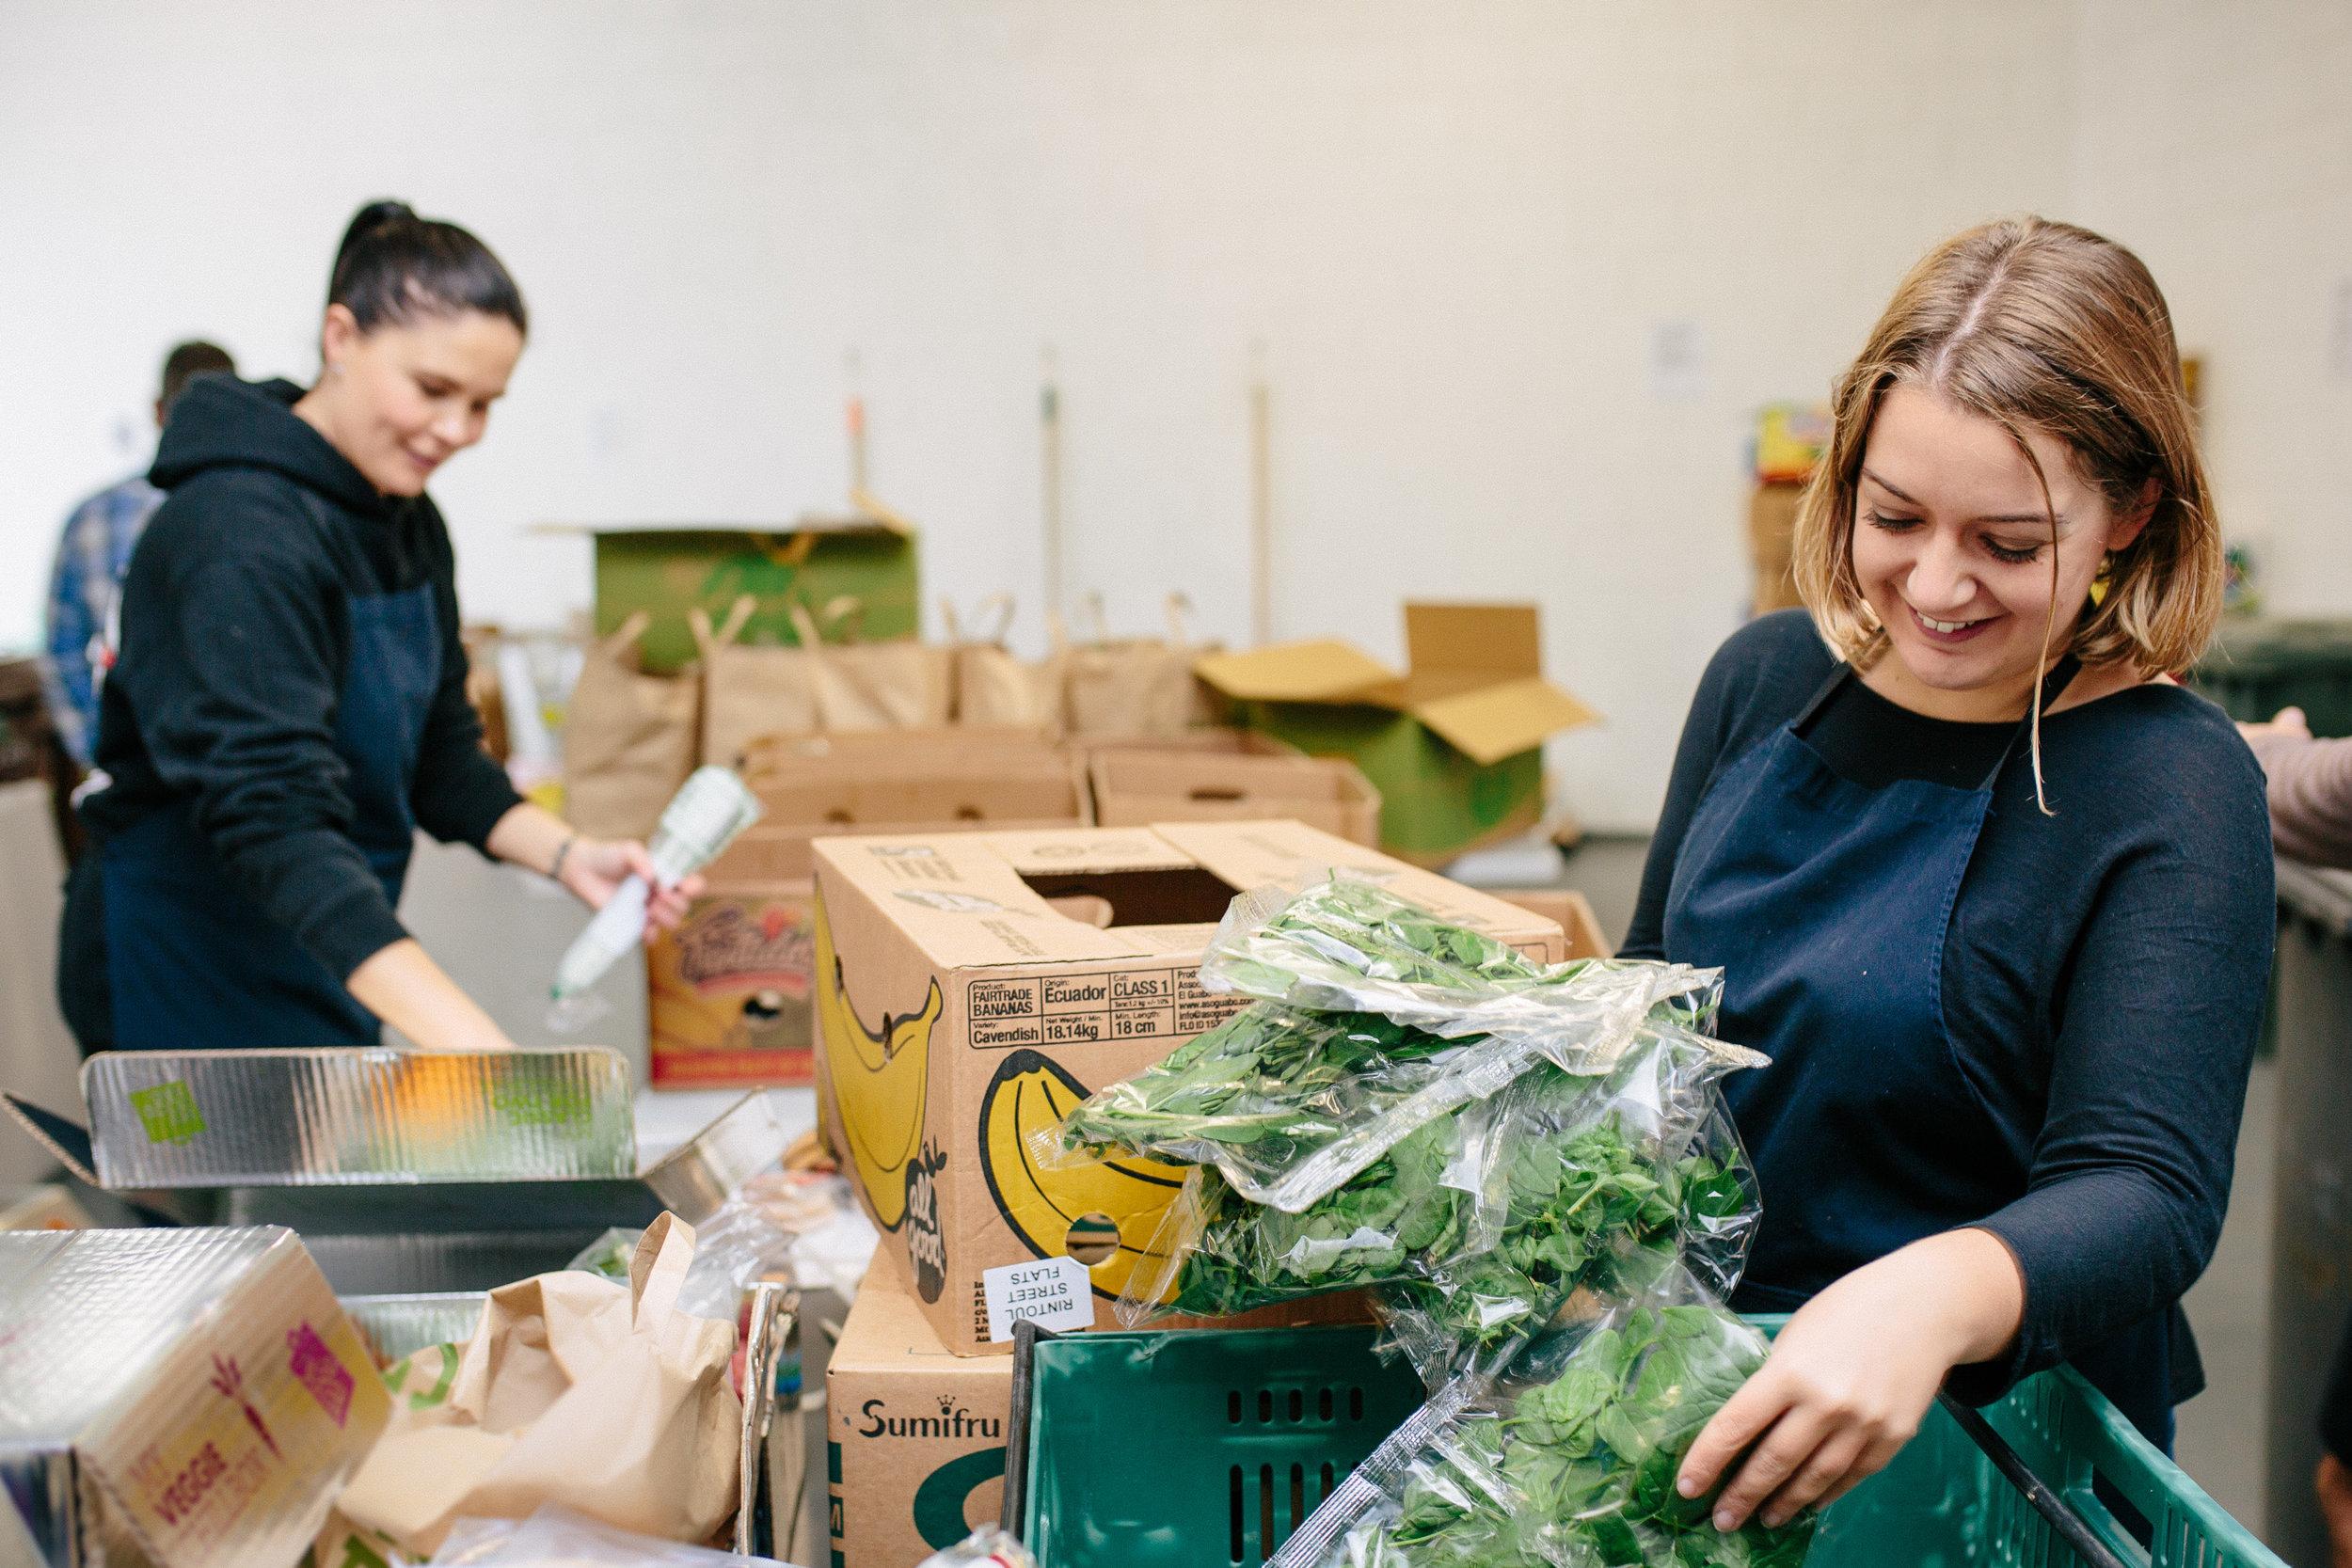 Kaibosh volunteers Hayley Osborne (left) and Natalie Verner get stuck into sorting